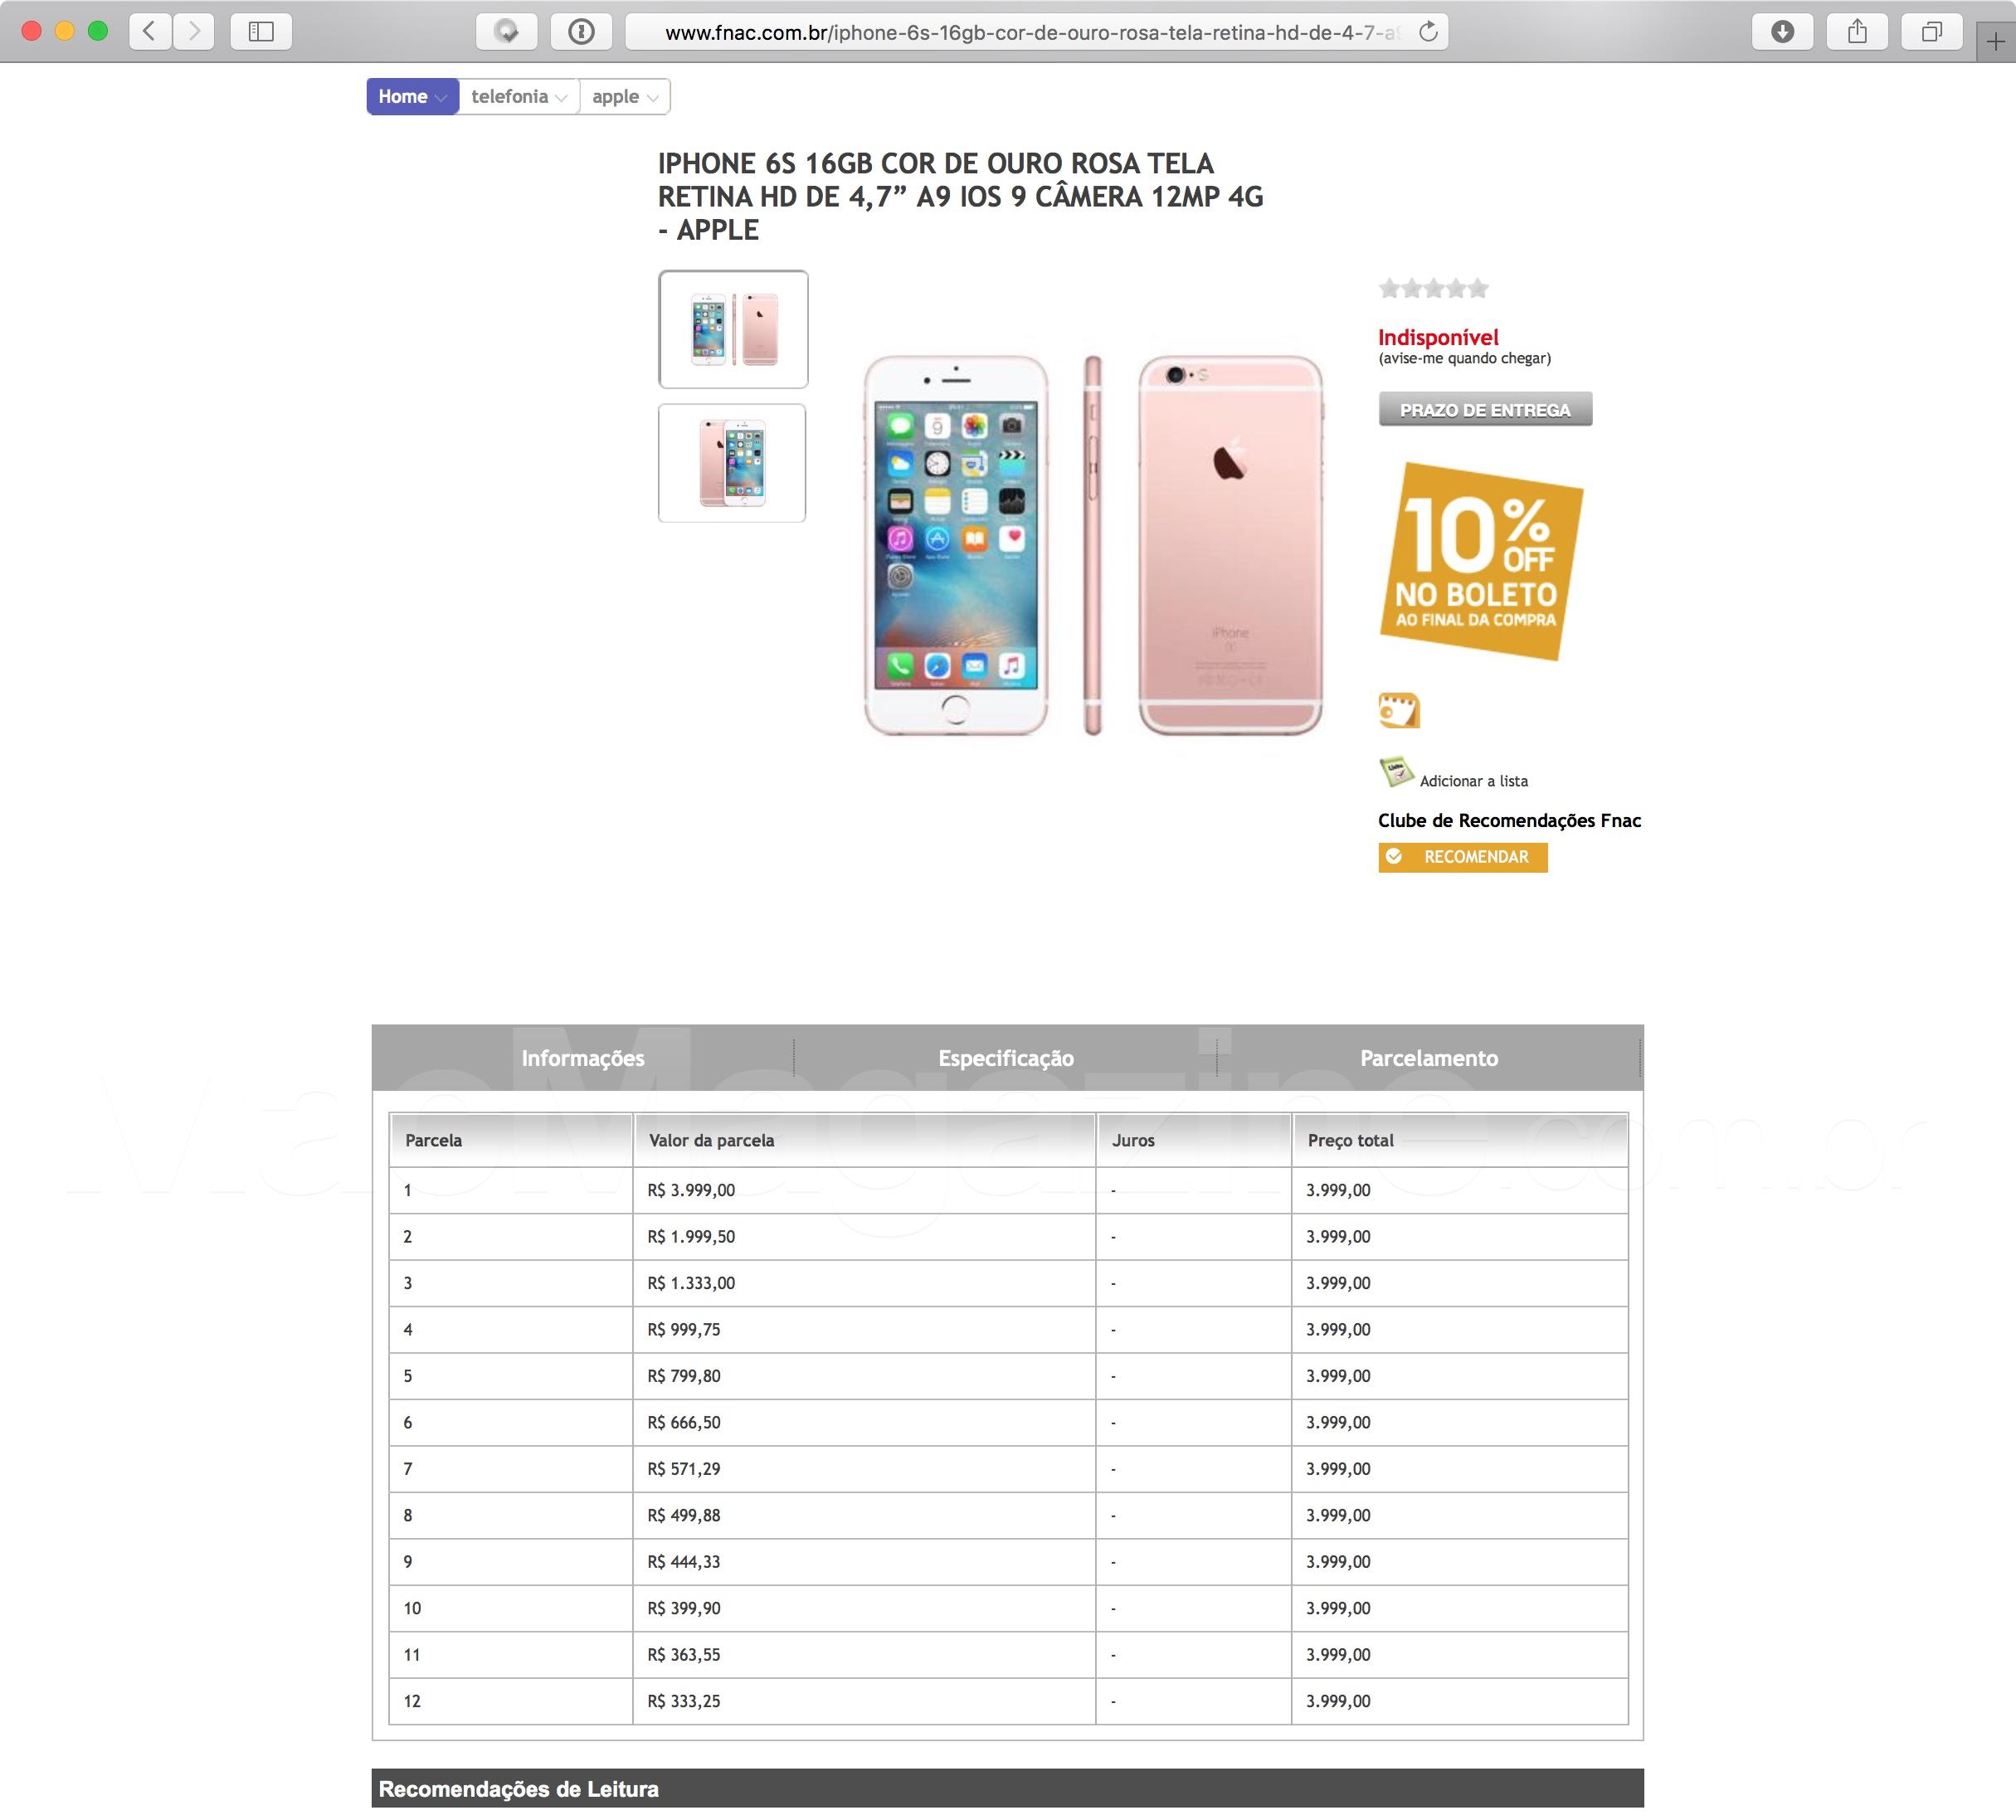 Fnac vaza os preços dos iPhones 6s e 6s Plus